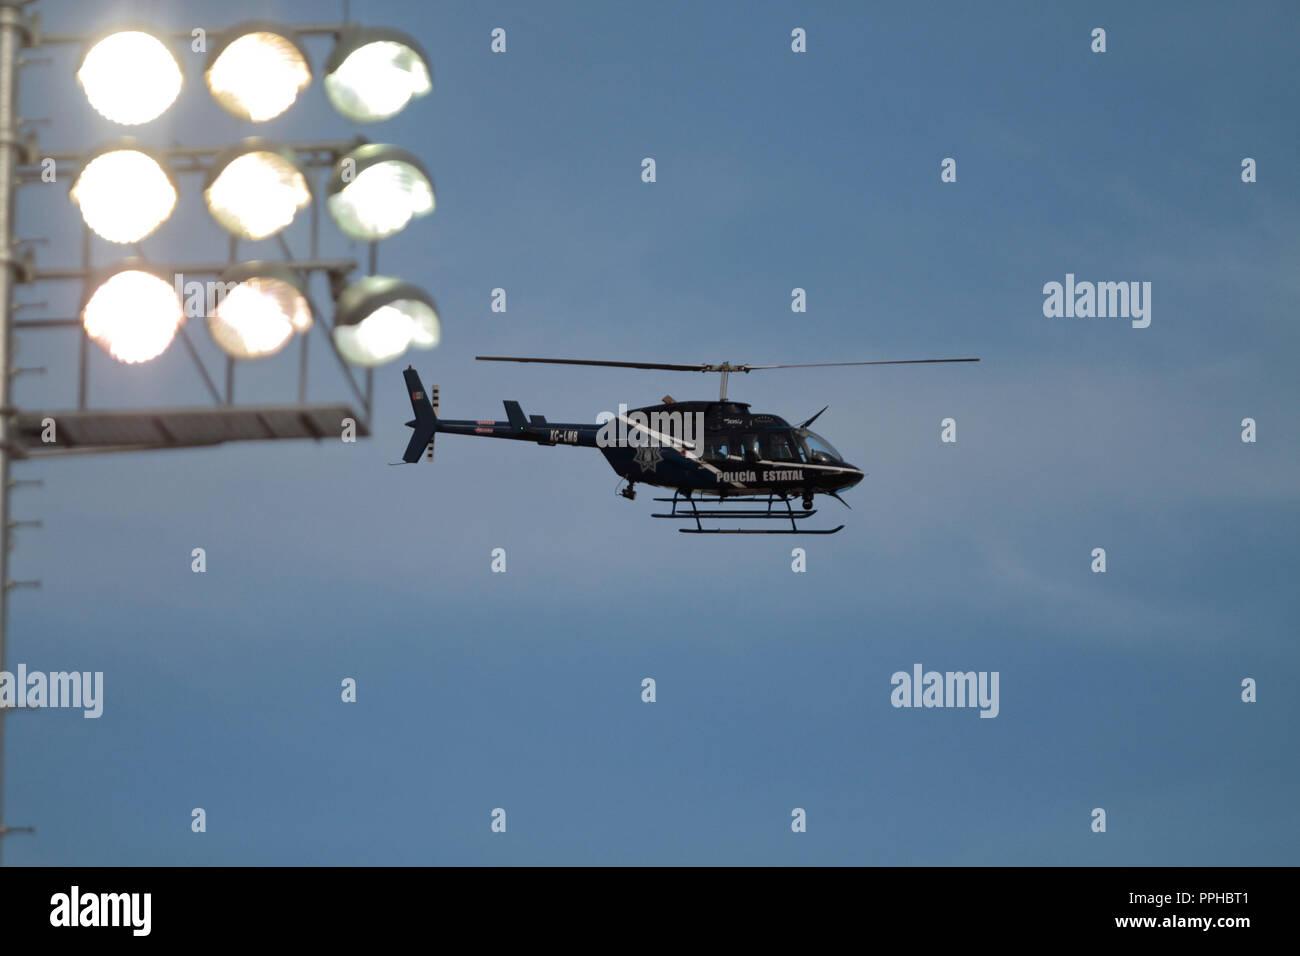 SEGURIDAD. Aeronave, helicóptero de la Policia Estatal sobrevolando cerca de las lamparas del Estadio Sonora , duranti el primer dia de acción en la Foto Stock